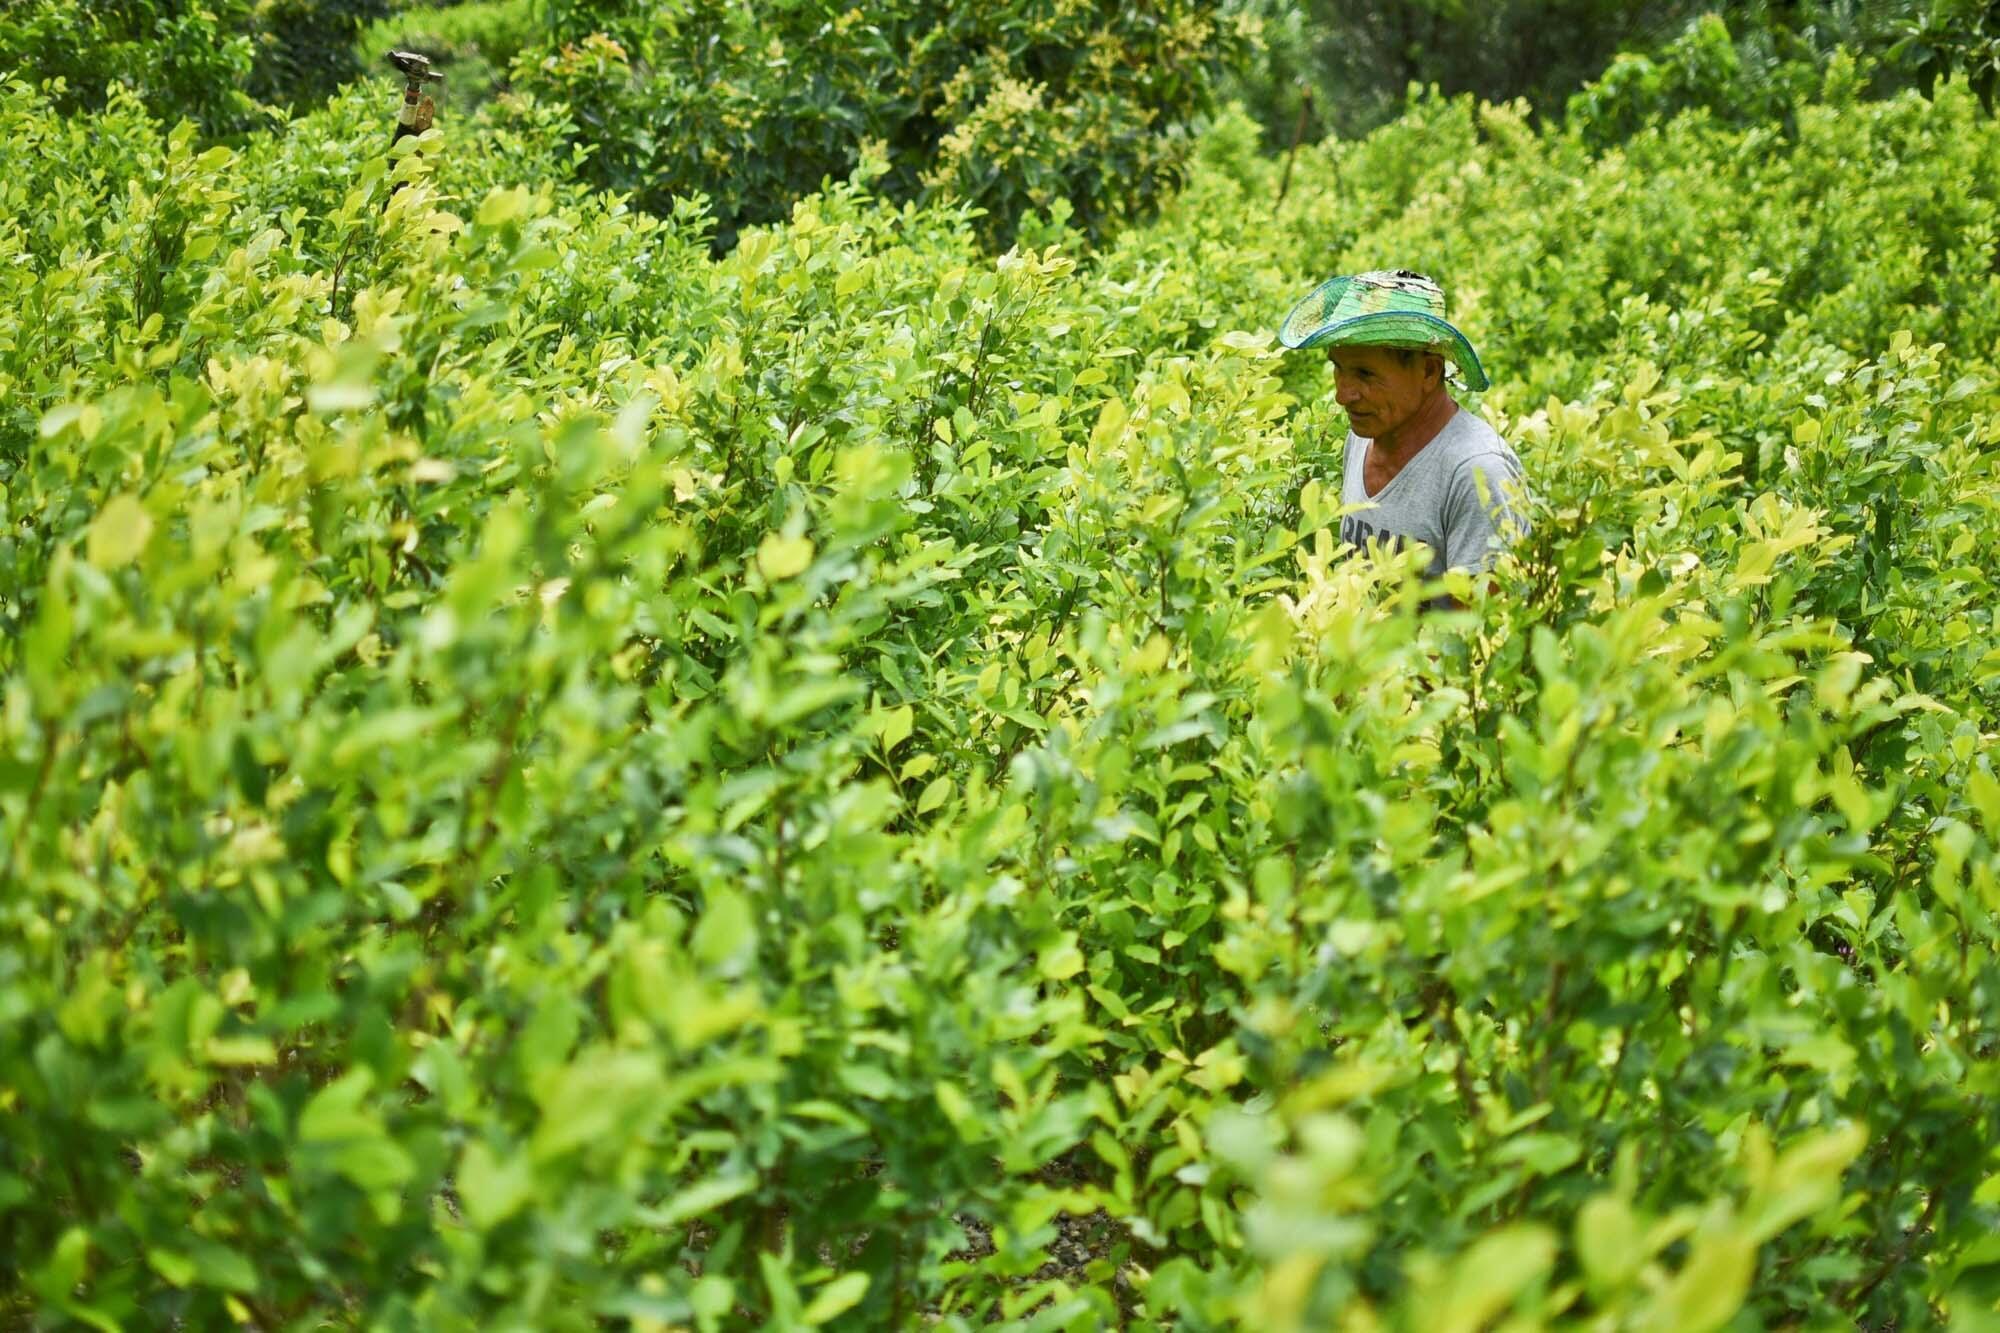 Un productor de coca trabaja en su campo en una zona rural de Policarpa, departamento de Narino, Colombia, el 15 de enero de 2017.